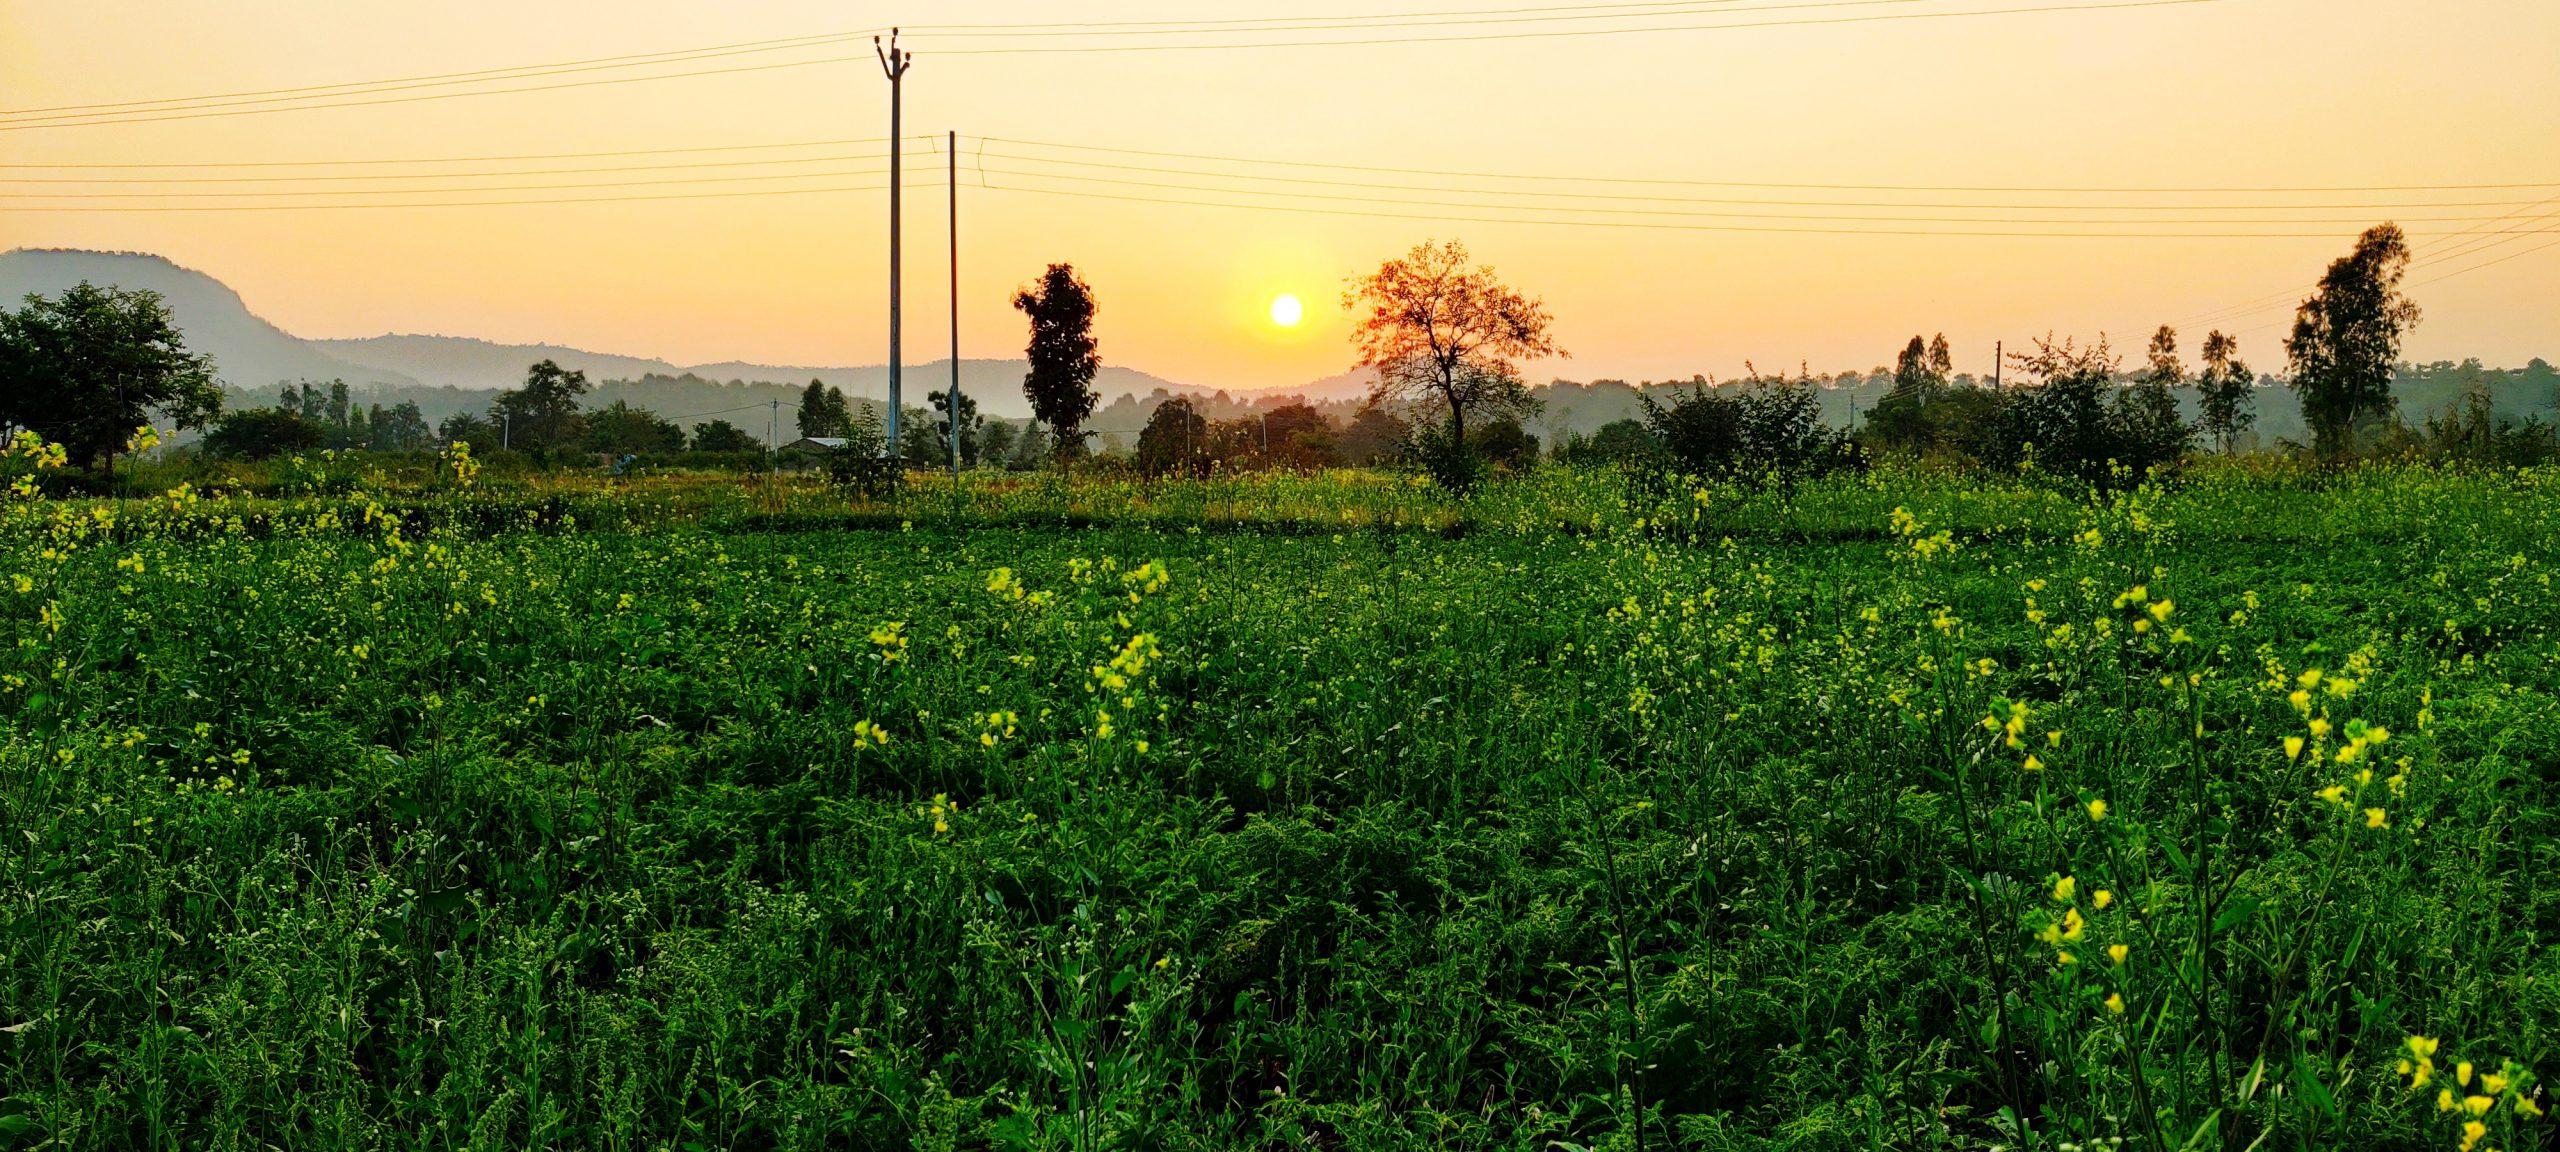 sunset near a garden